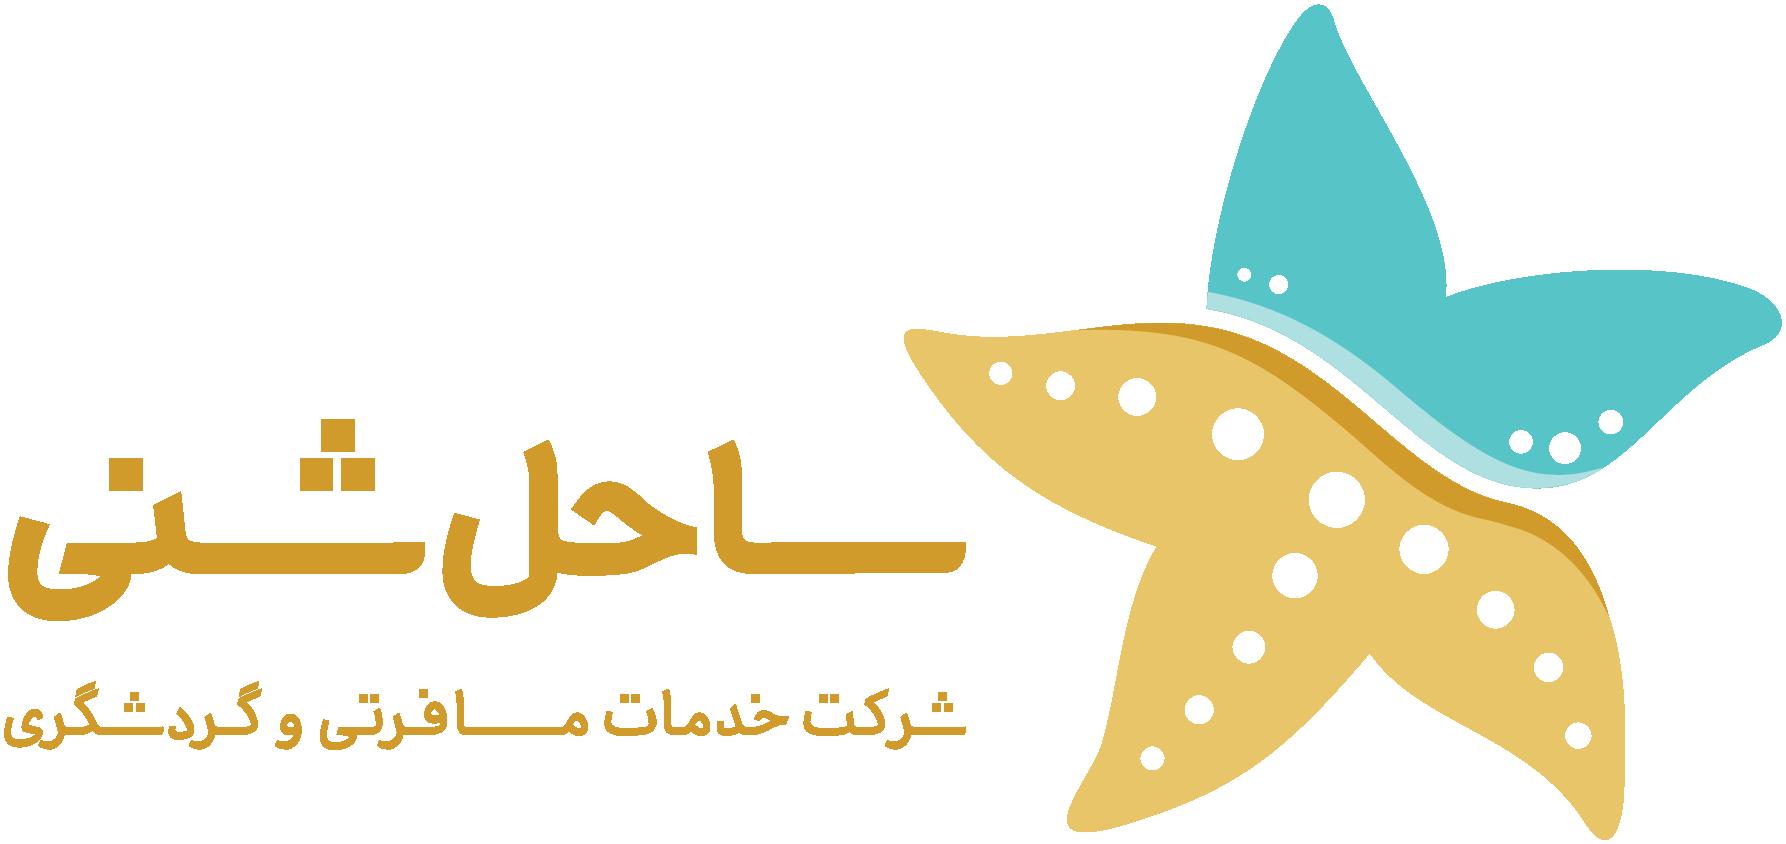 sahelsheni